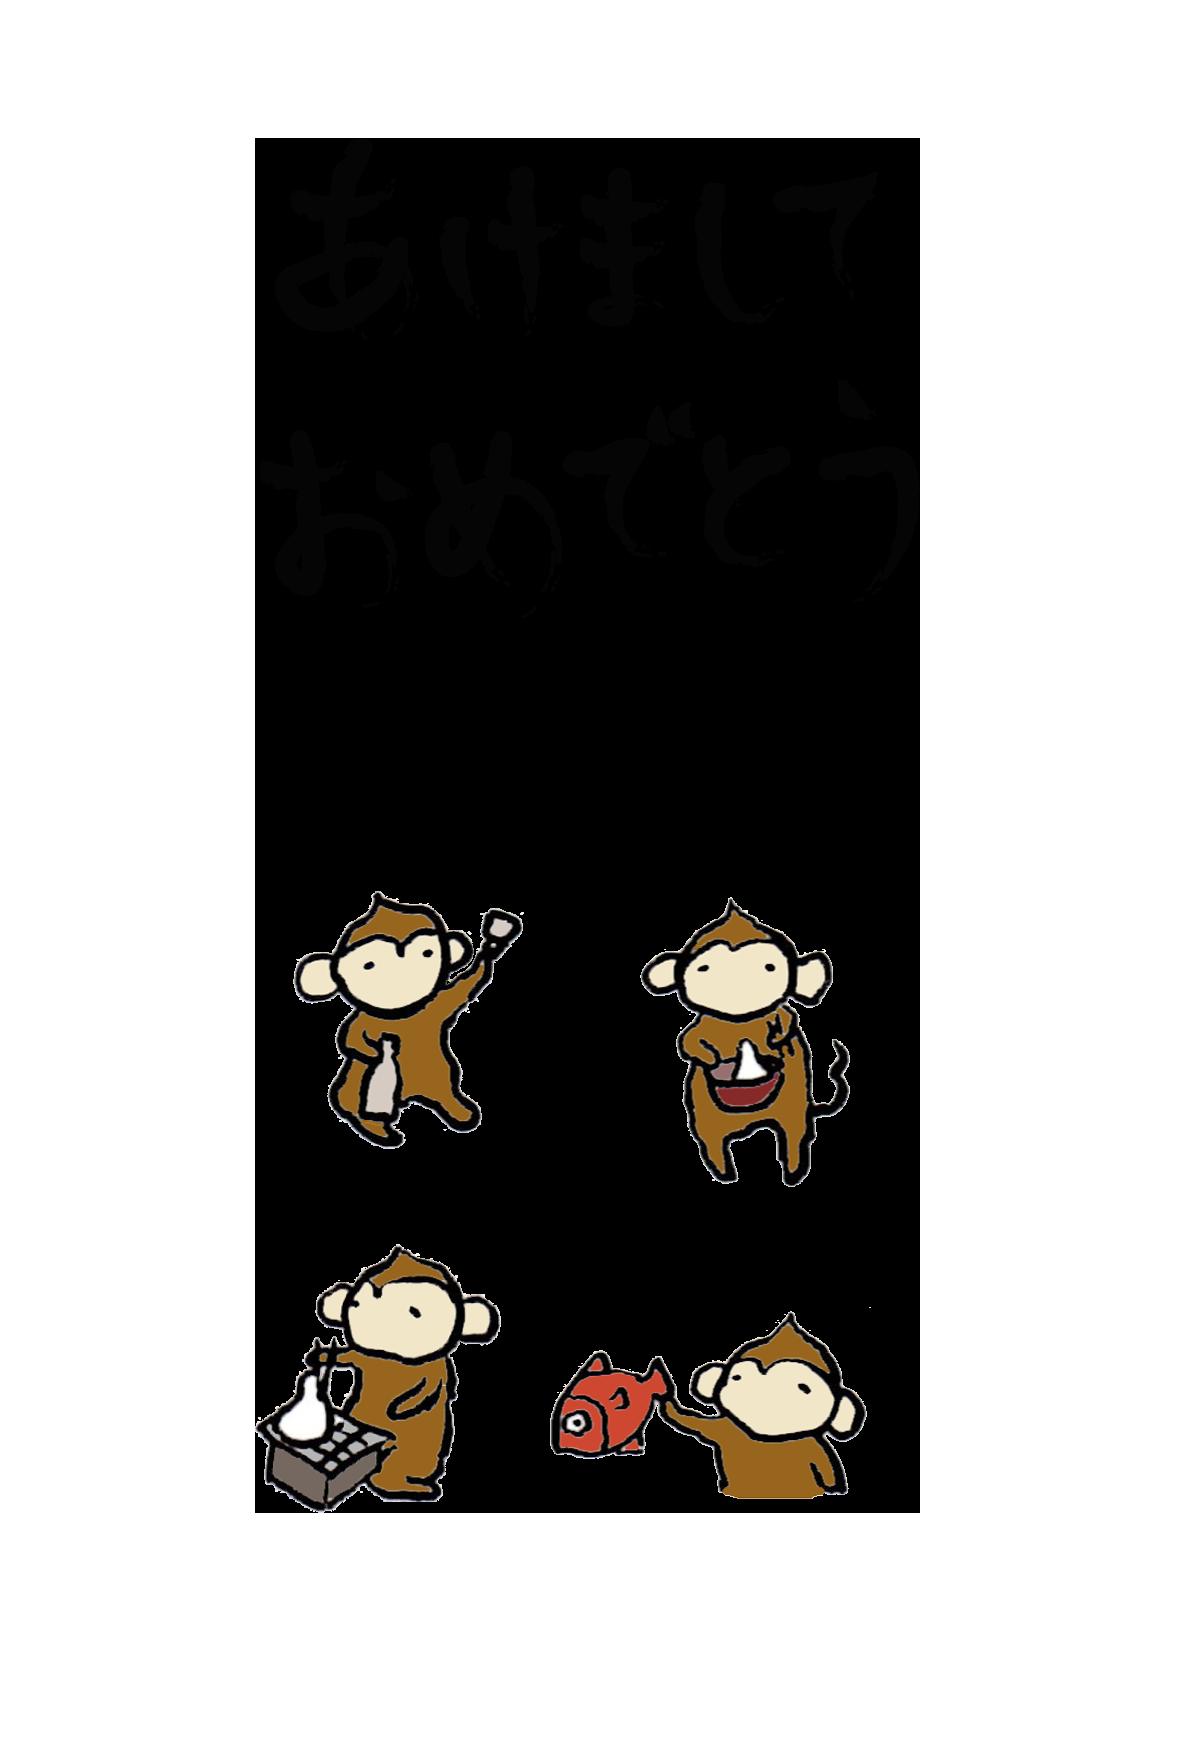 年賀状-手書きテンプレート(猿)-和風04 <無料> | イラストk